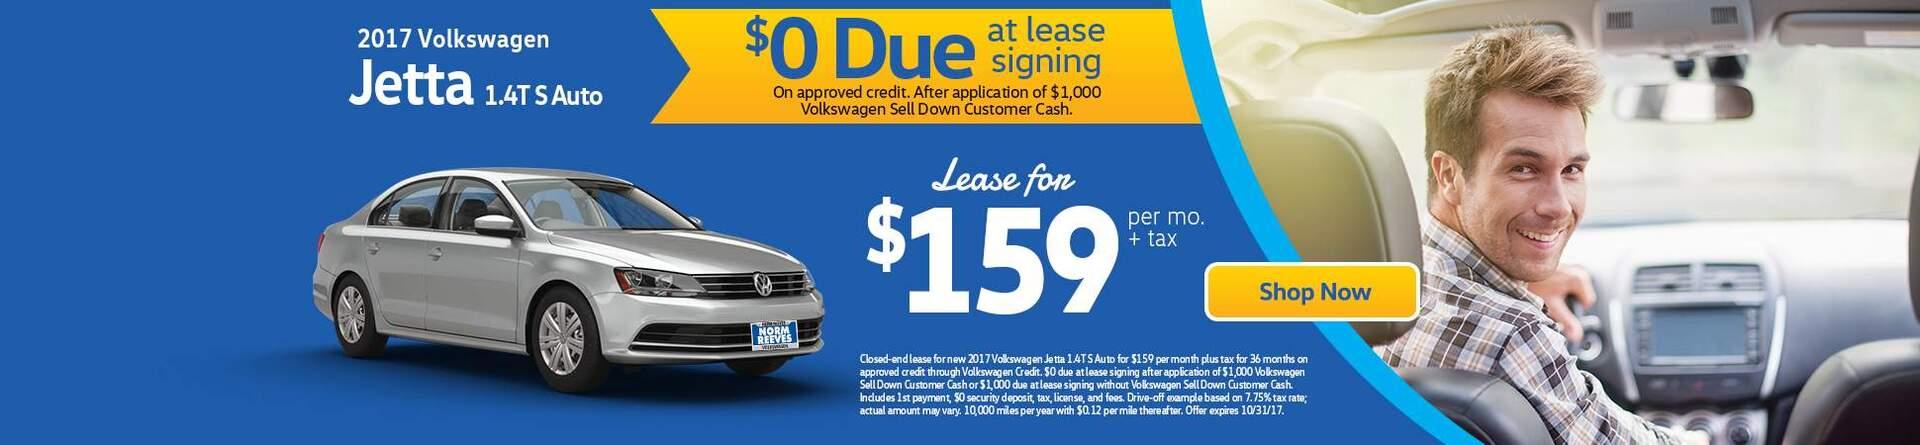 Volkswagen Dealers Irvine Ca Norm Reeves Volkswagen